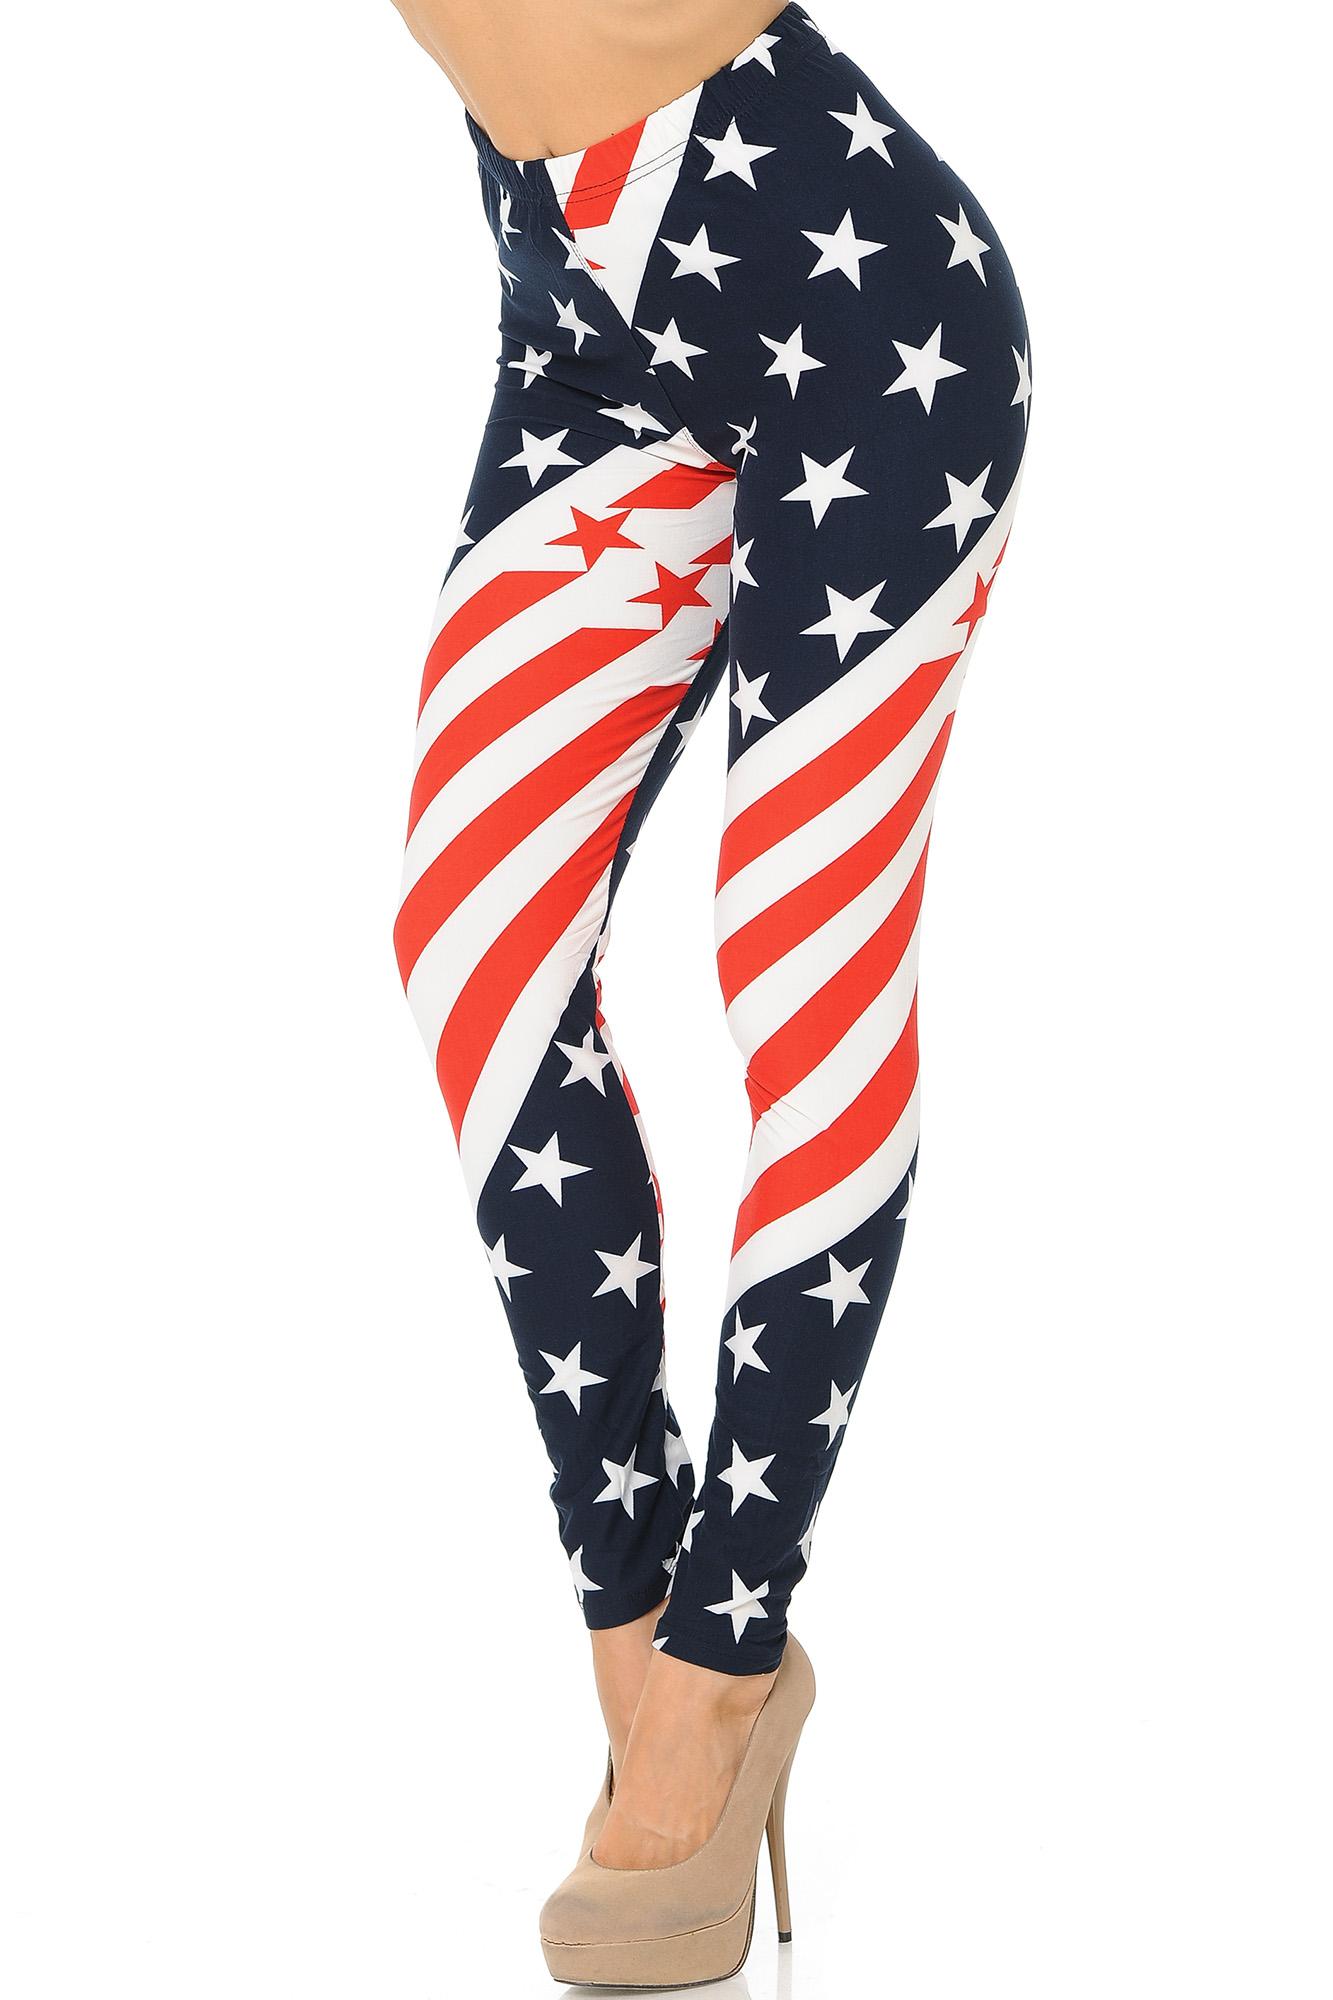 00502da053c6c2 Buttery Soft Swirling USA Flag Plus Size Leggings | World of Leggings